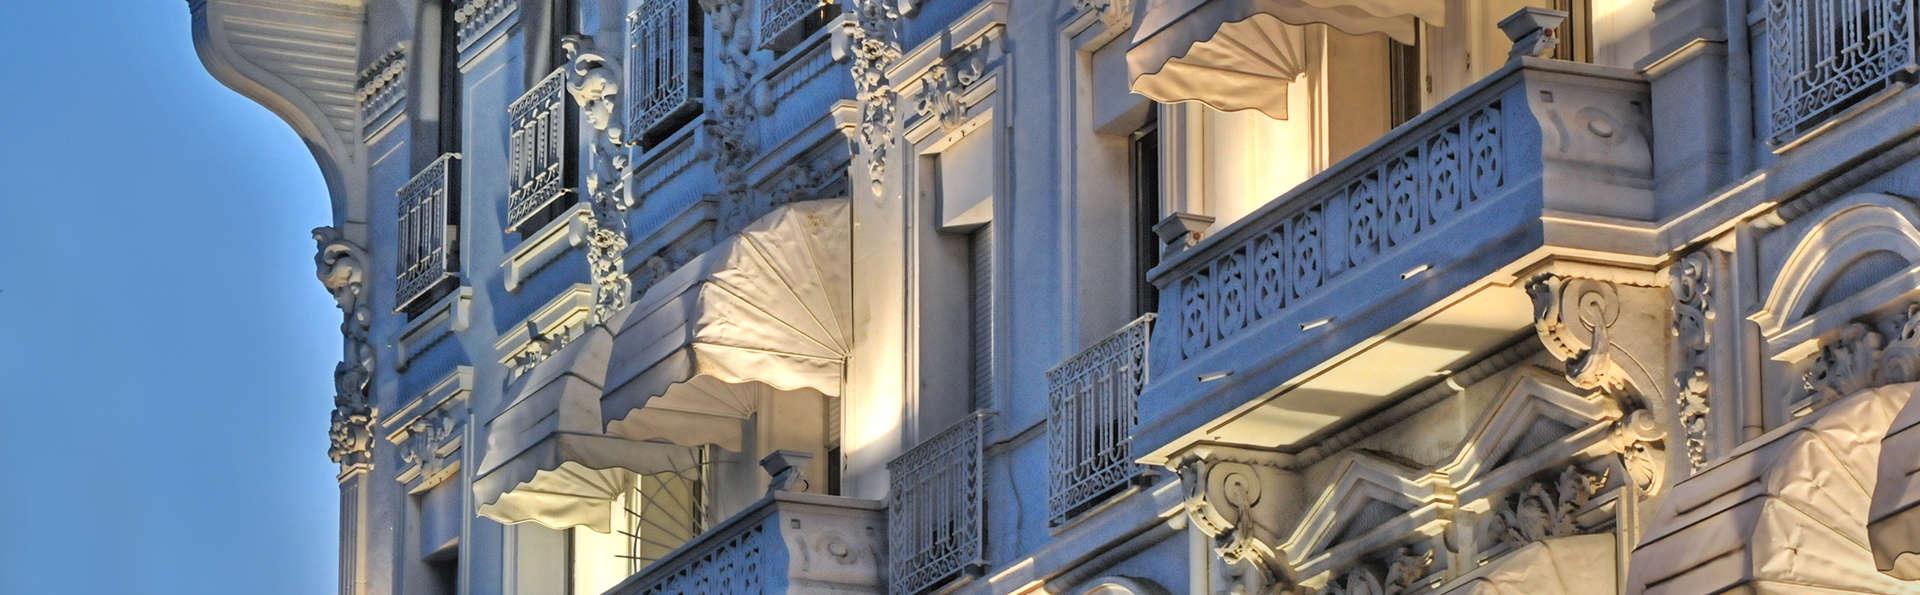 Hôtel Splendid - edit_front1.jpg